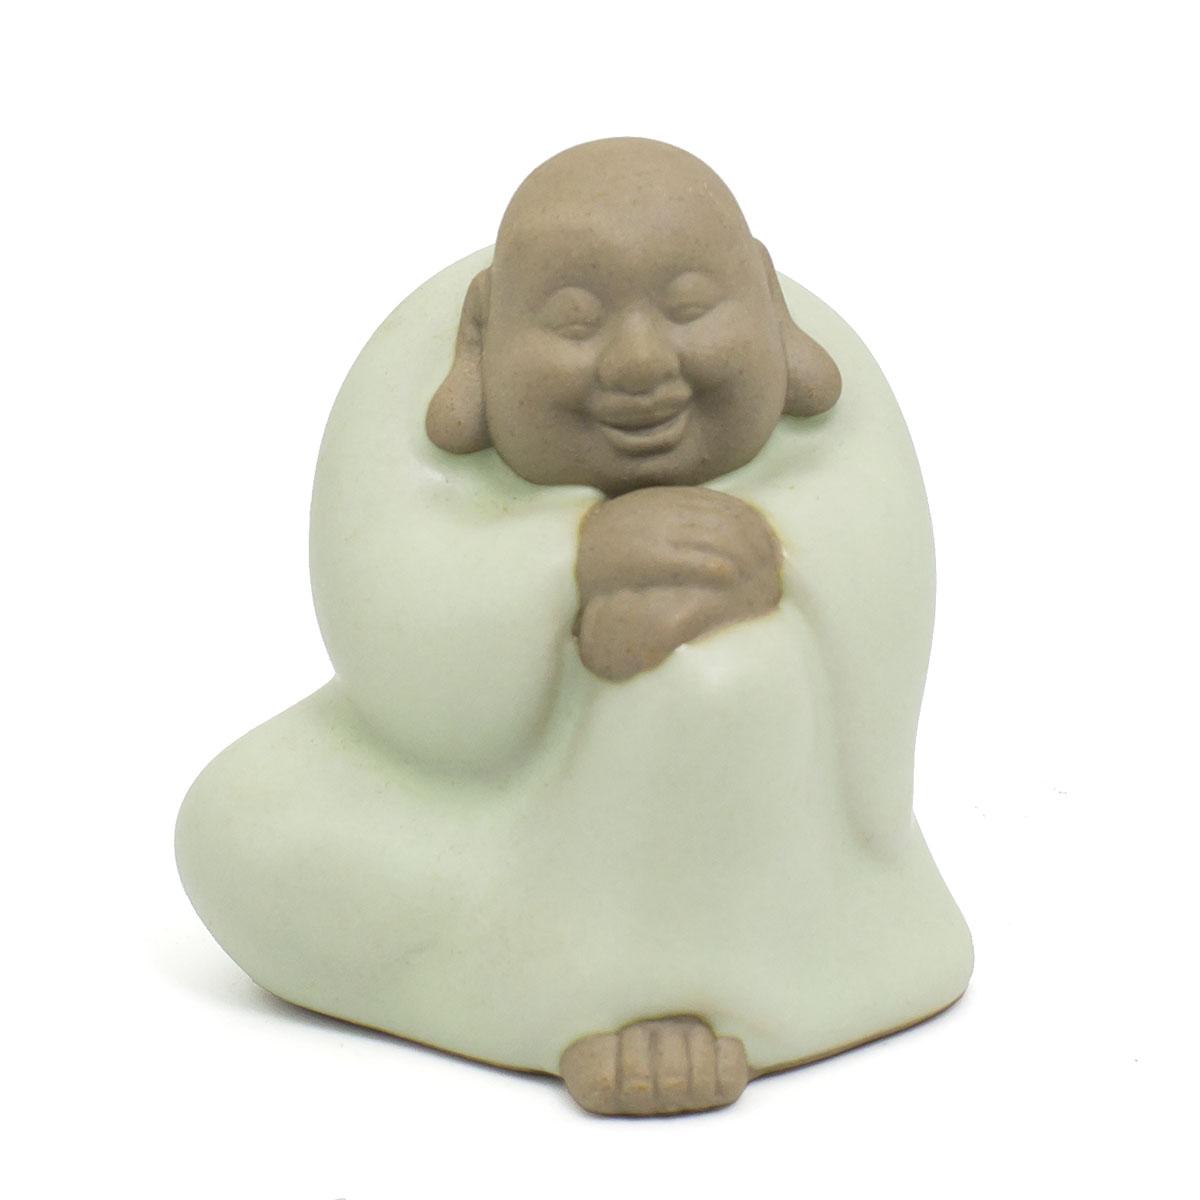 Чайная фигурка из глины с нефритовой эмалью Улыбчивый Будда кеды бирюзового цвета купить